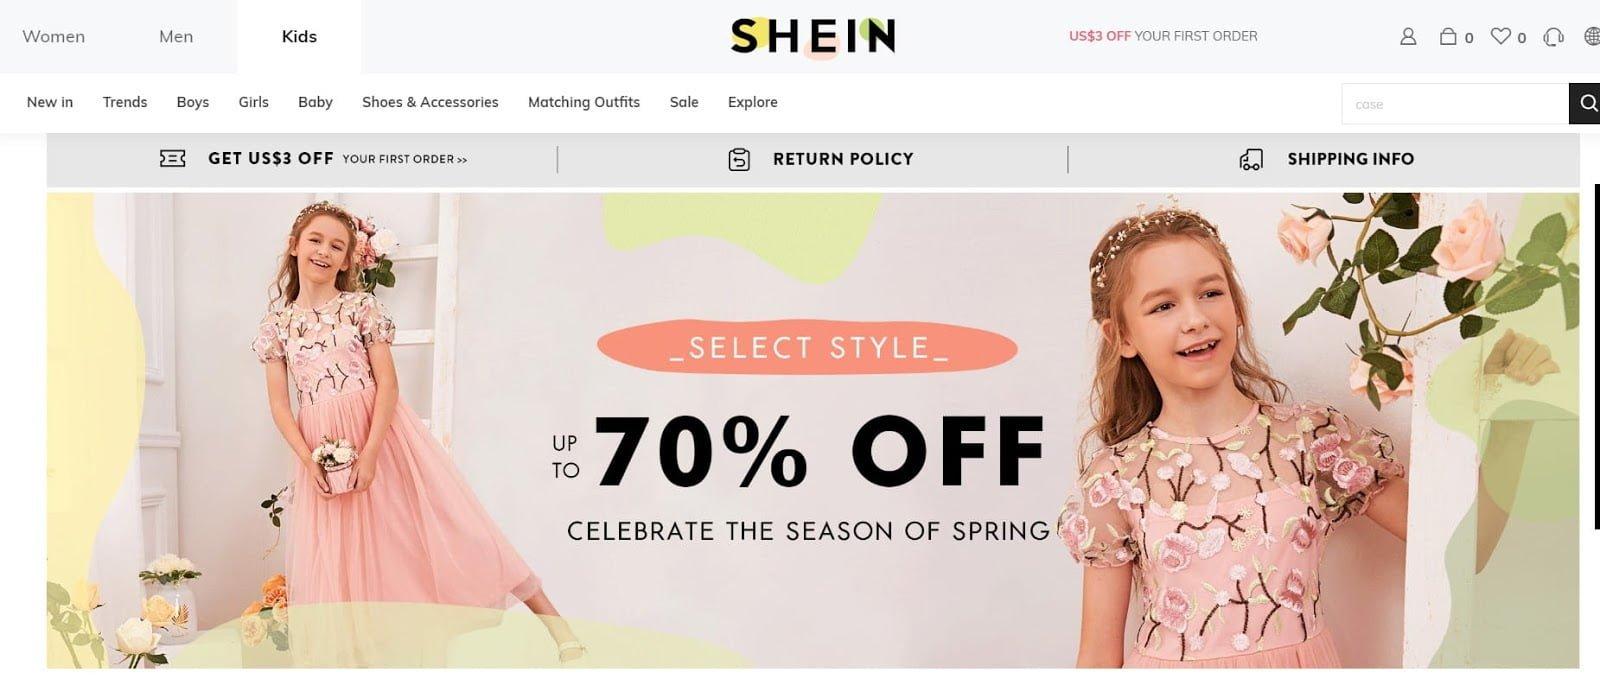 Les meilleurs sites de shopping chinois qui livrent dans le monde entier - Sites